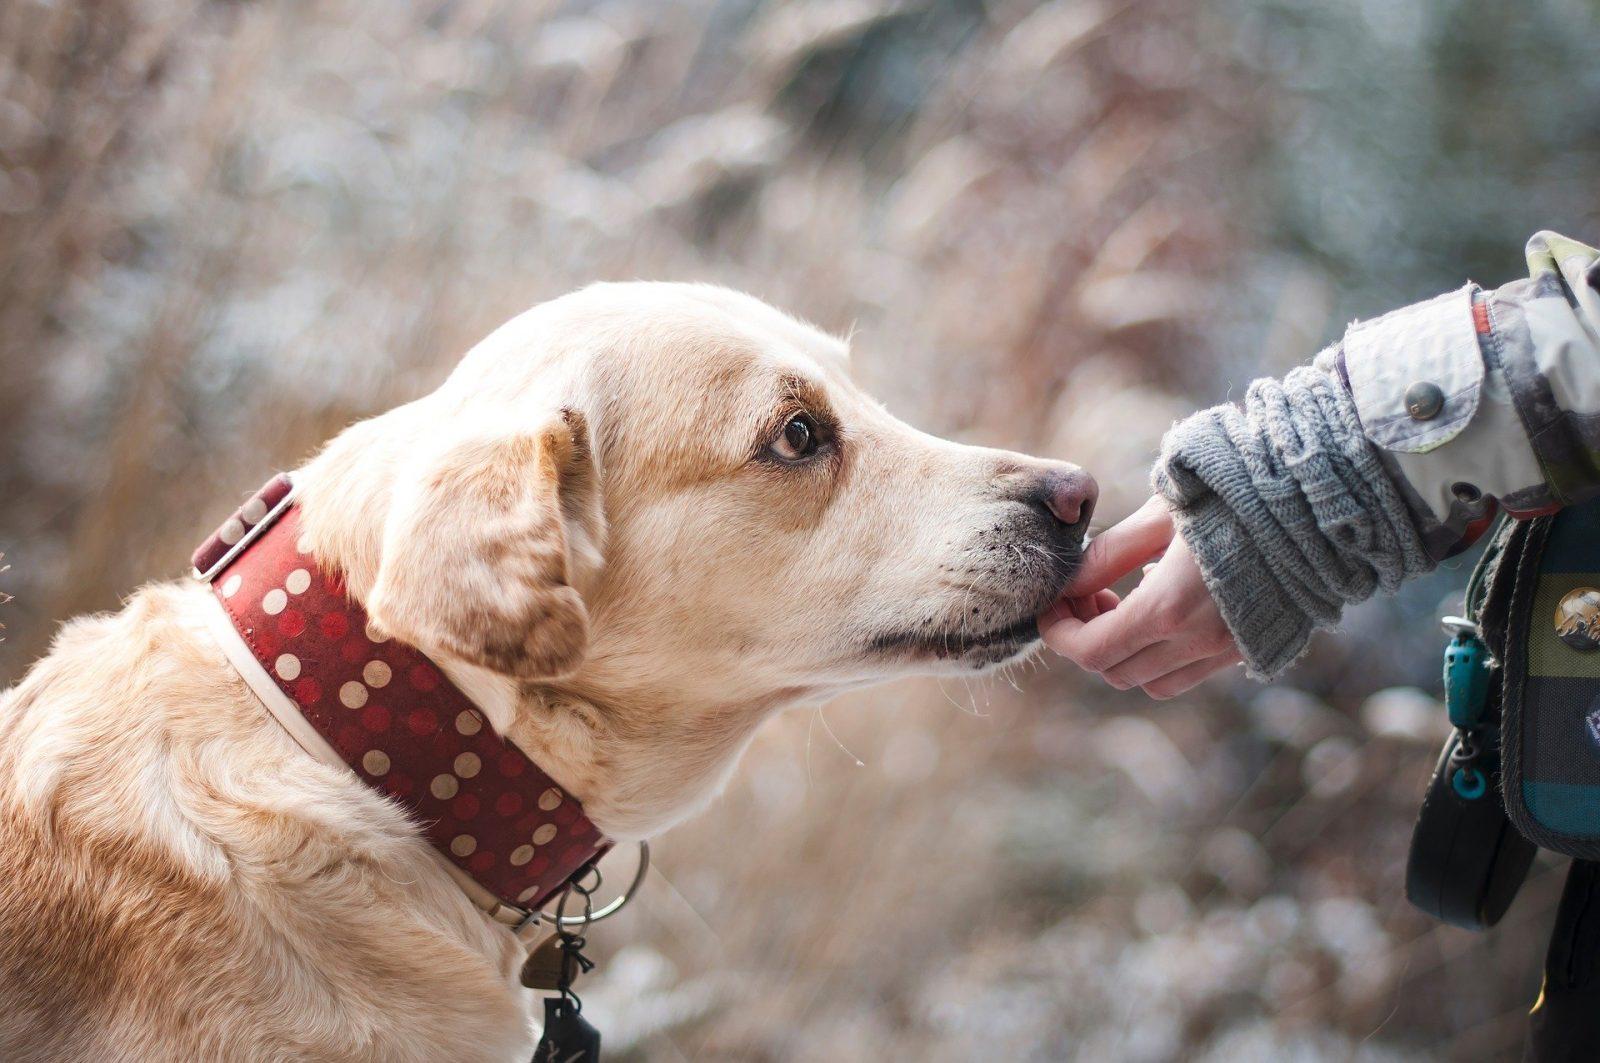 Médailles obligatoires pour mieux identifier les chiens dangereux